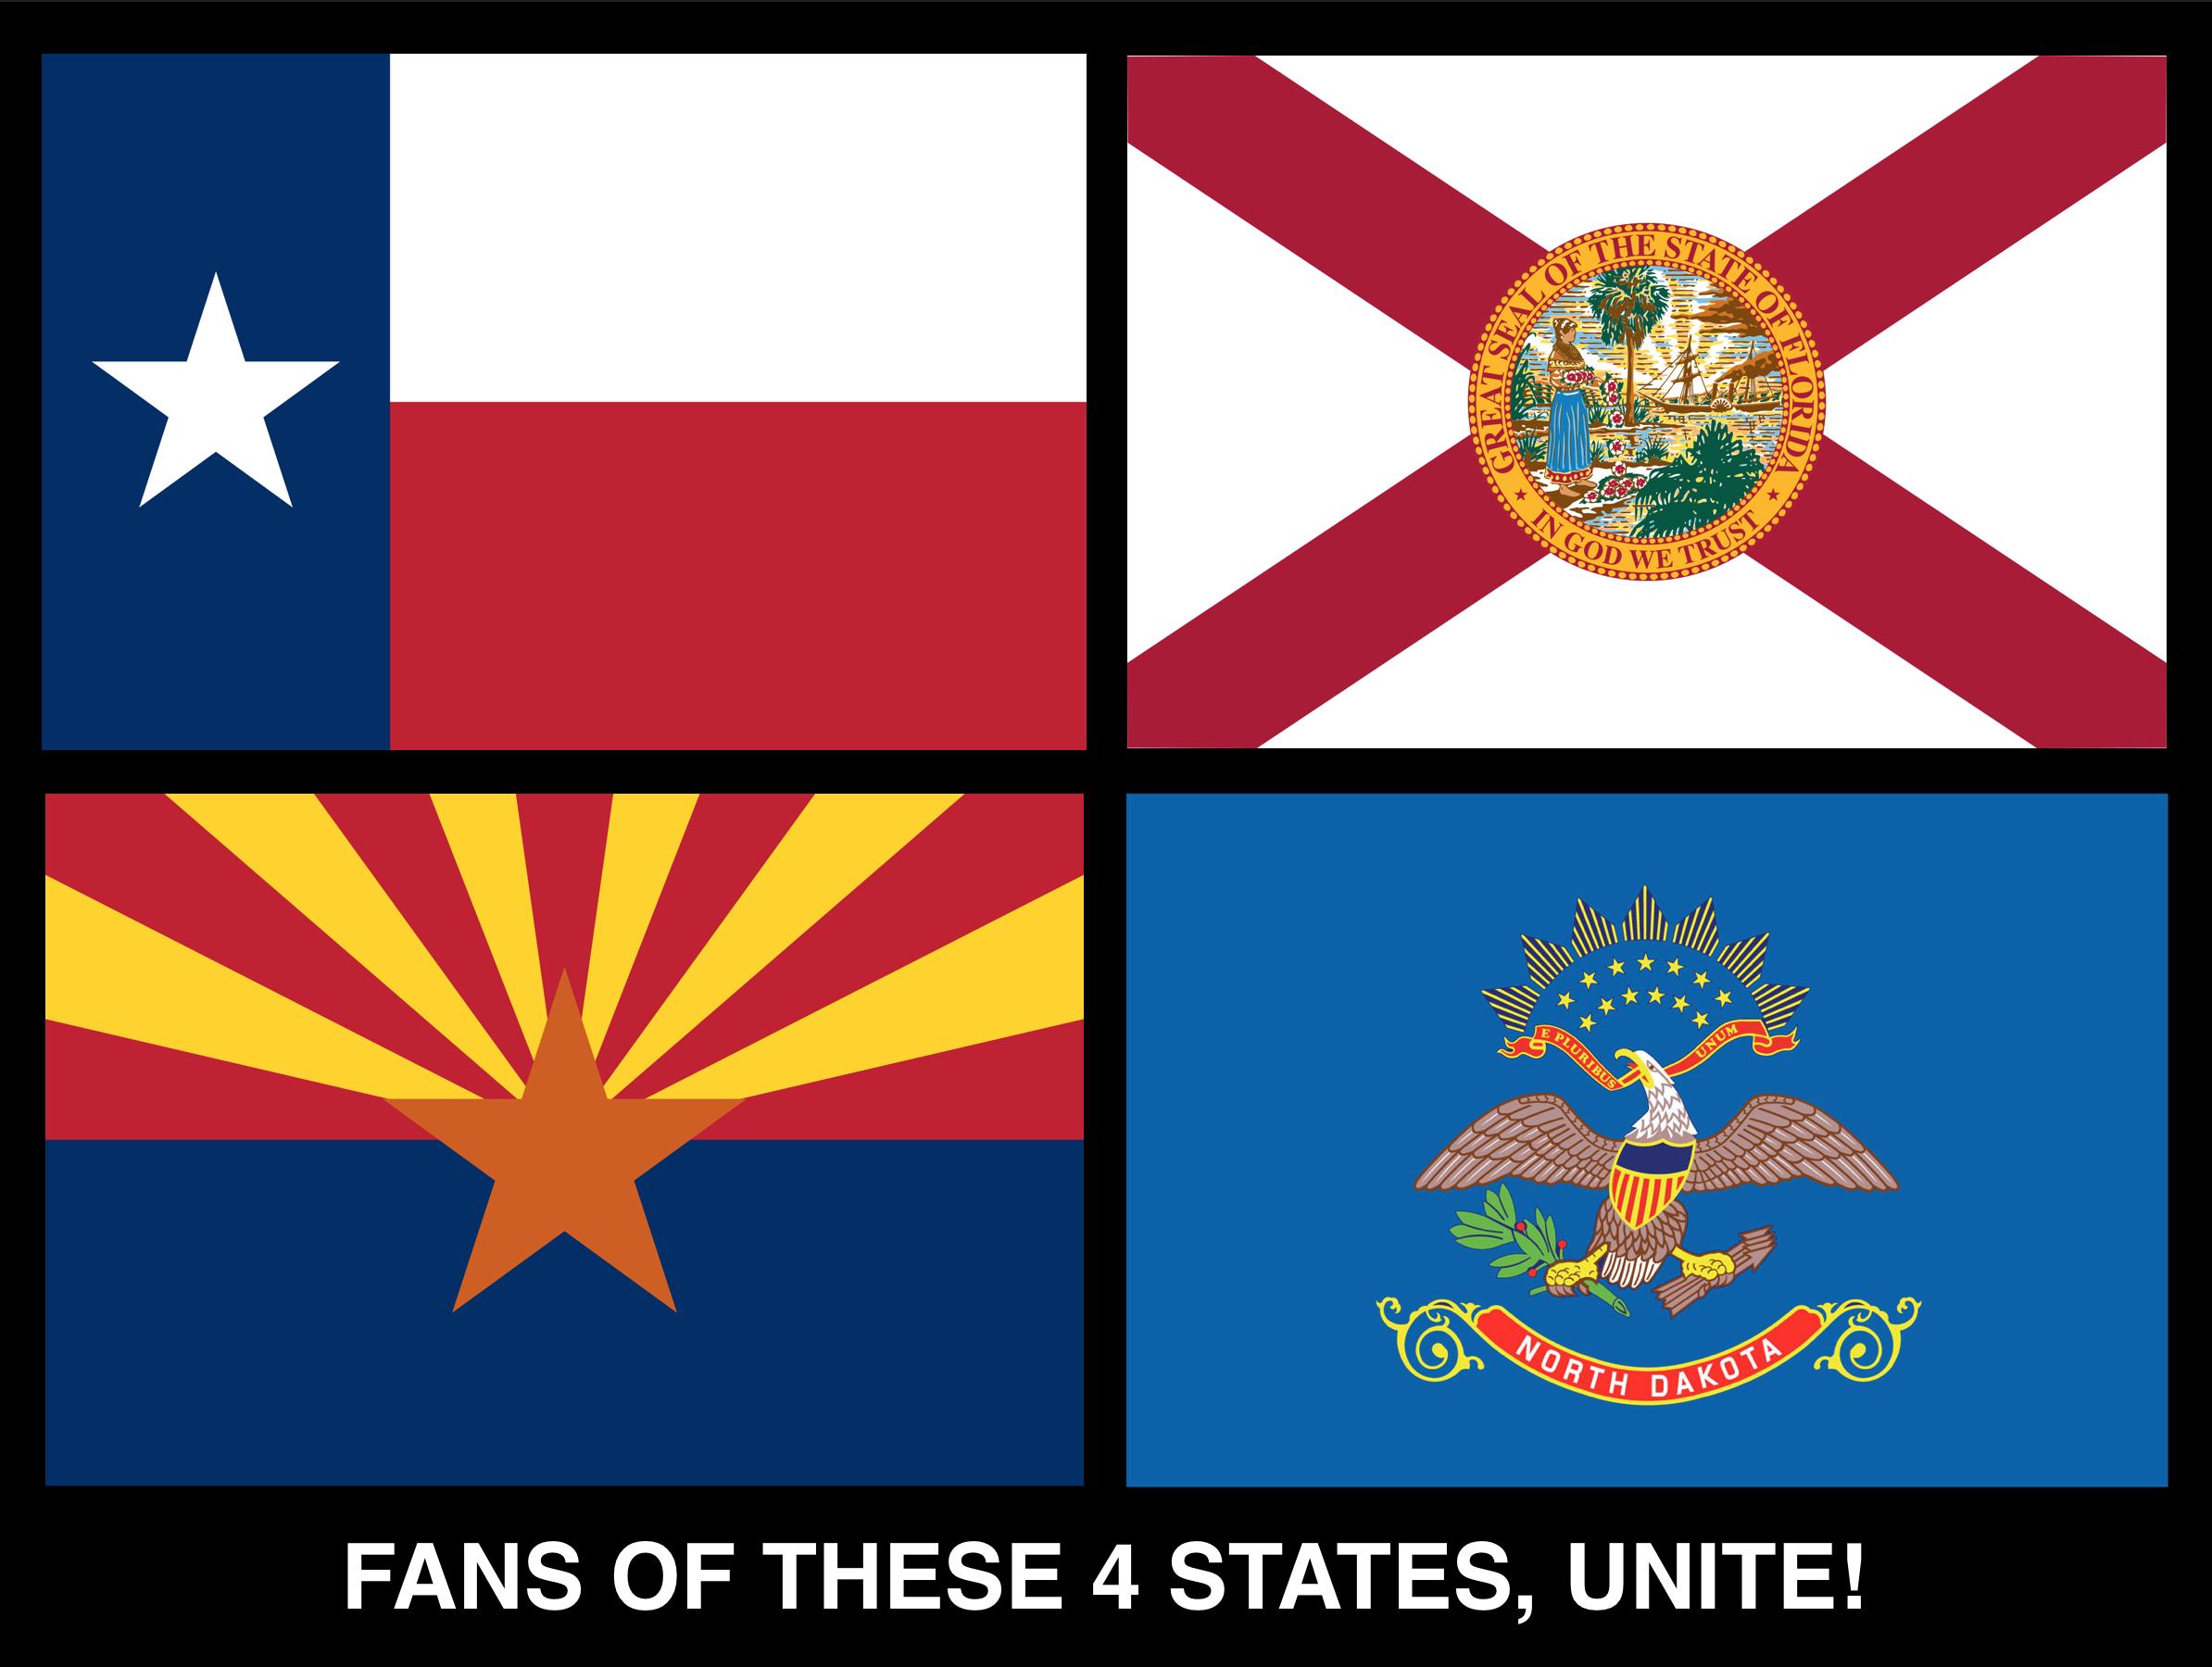 4 states unite